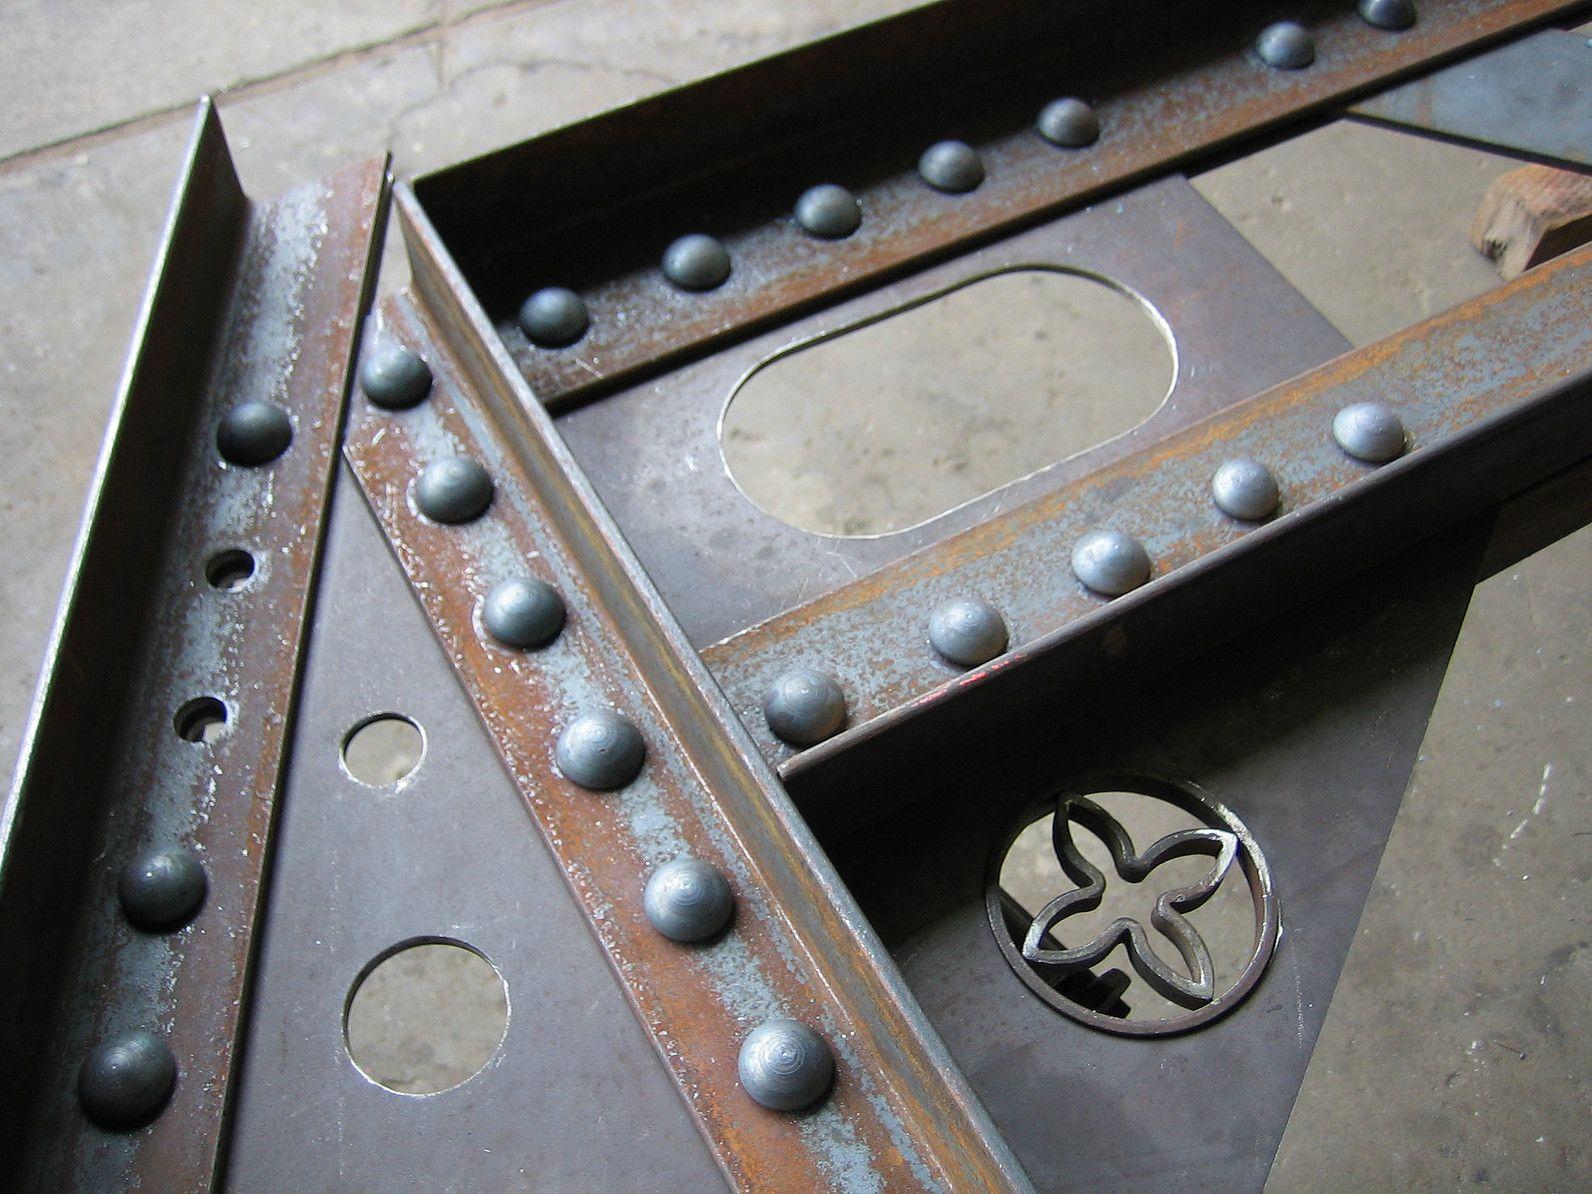 Bridge And Boiler Hot Riveting Avec Images Decoration Style Industriel Rustique Mobilier Metallique Deco Loft Industriel